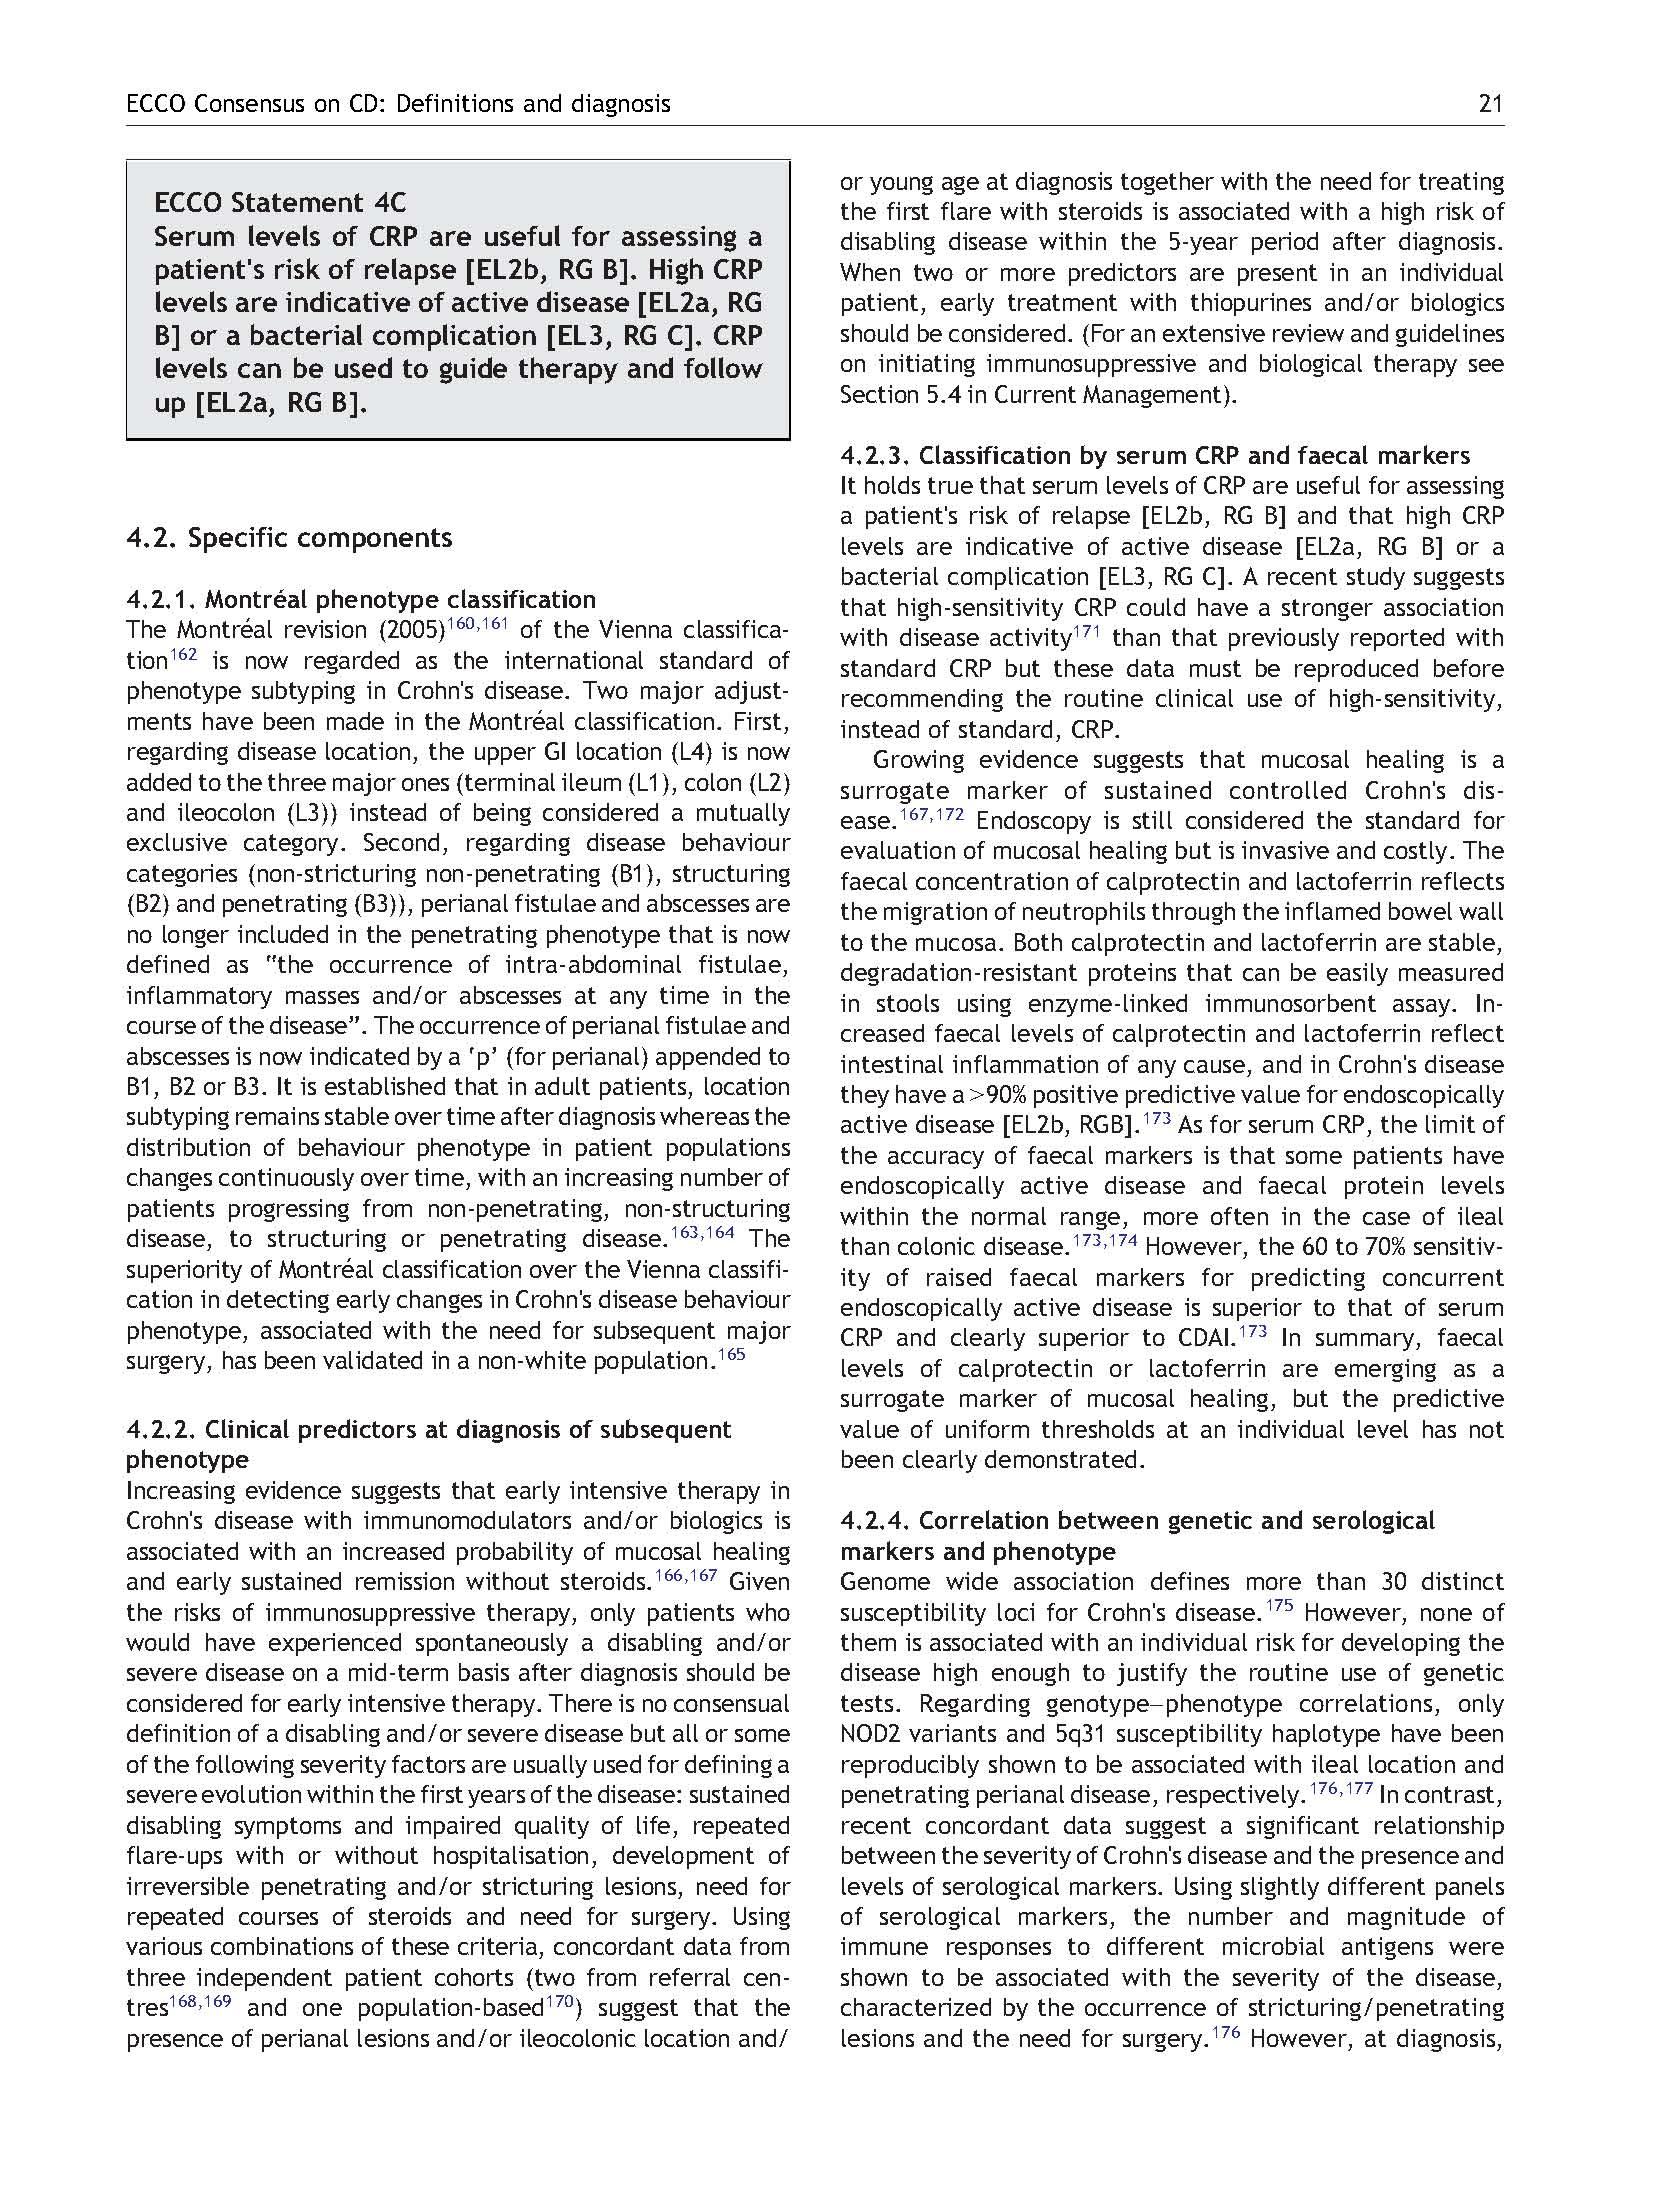 2_页面_15.jpg